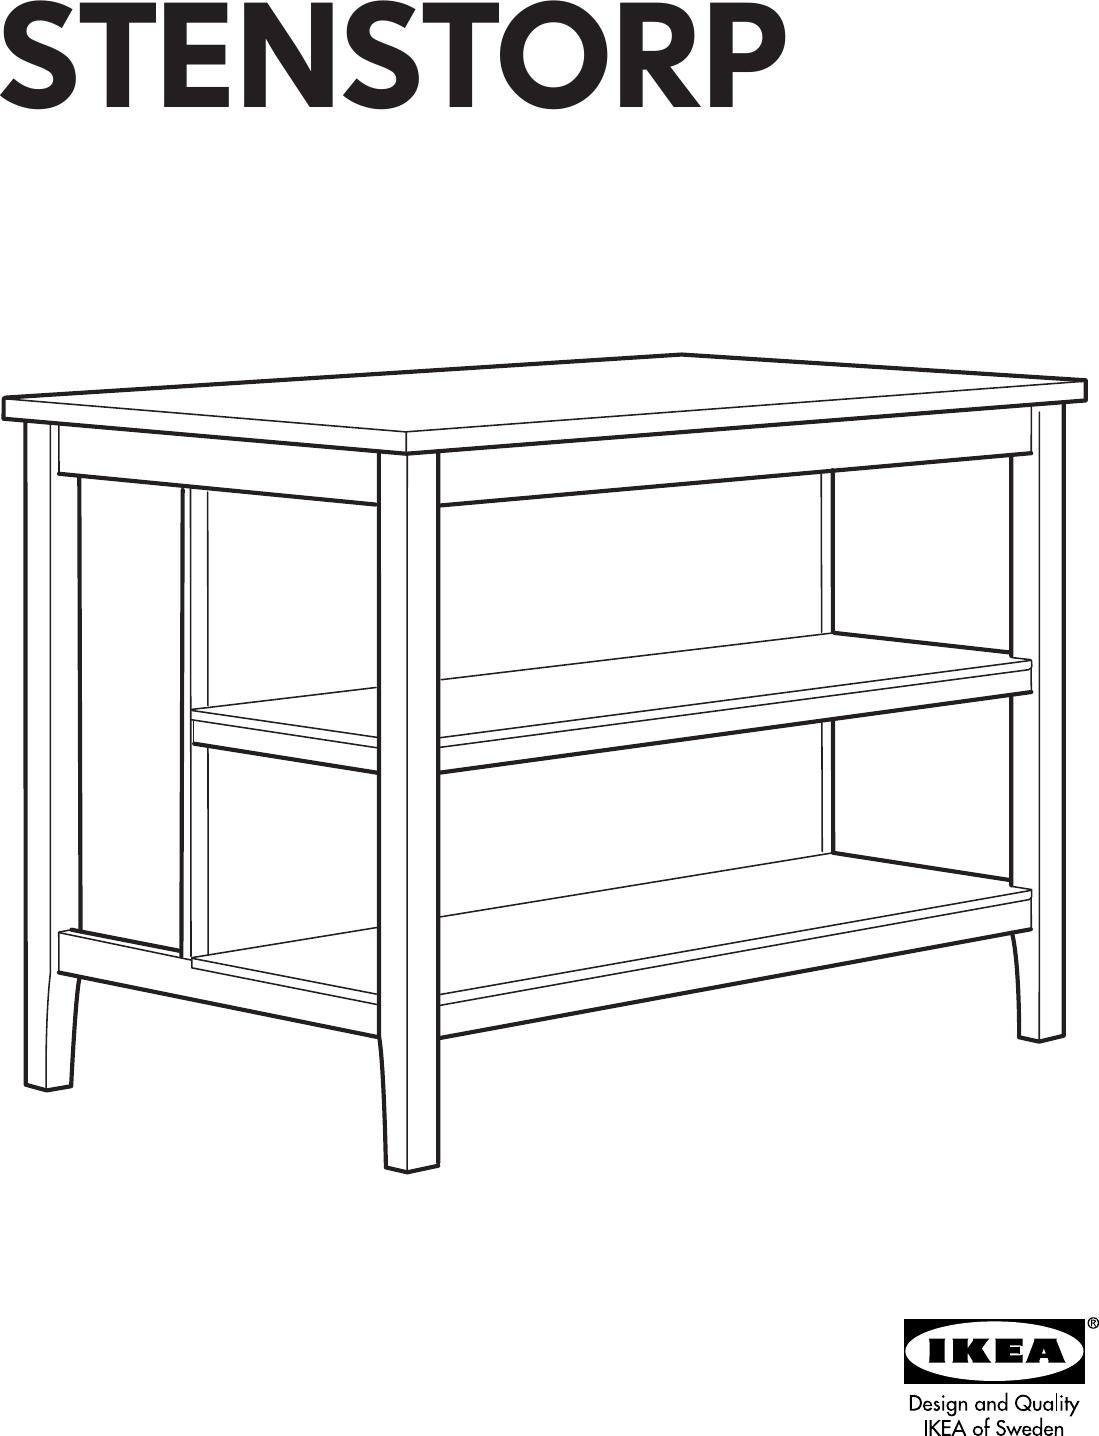 Ikea Stenstorp Kitchen Island 50X31 Assembly Instruction